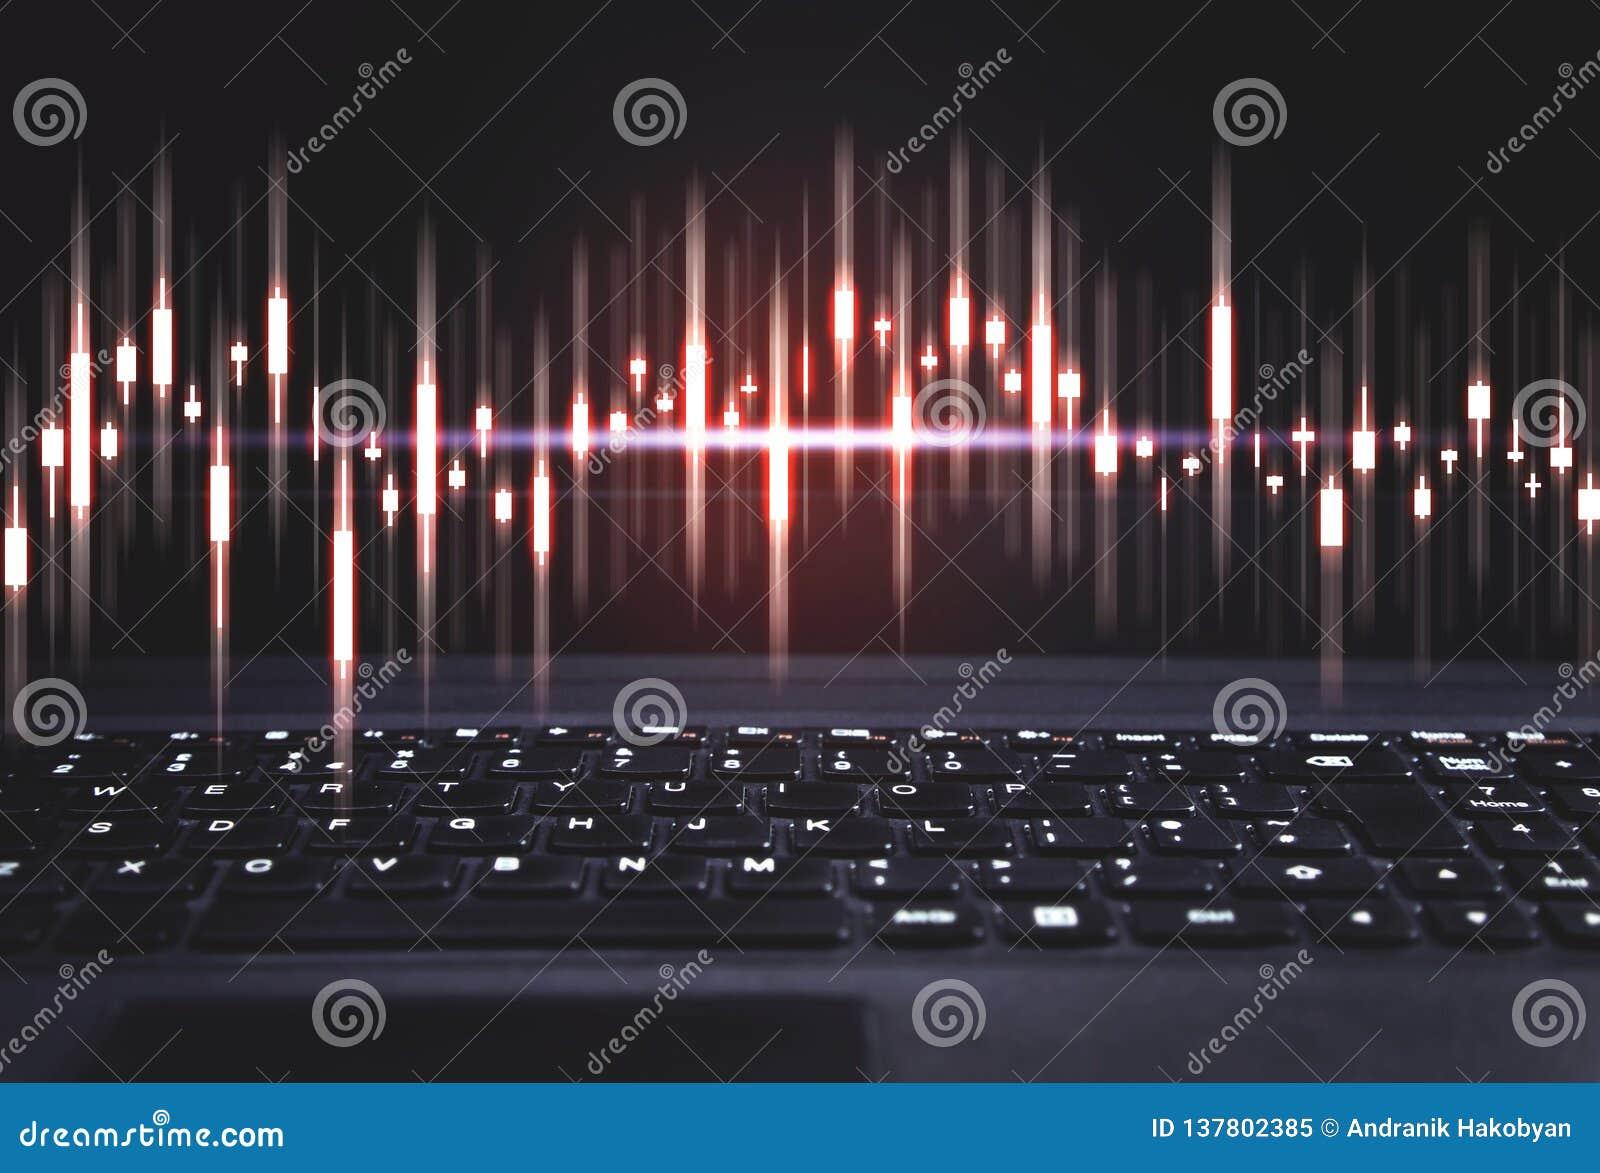 Rynek Papierów Wartościowych wykres na klawiaturze Pojęcie inwestycja, technologia i analiza,